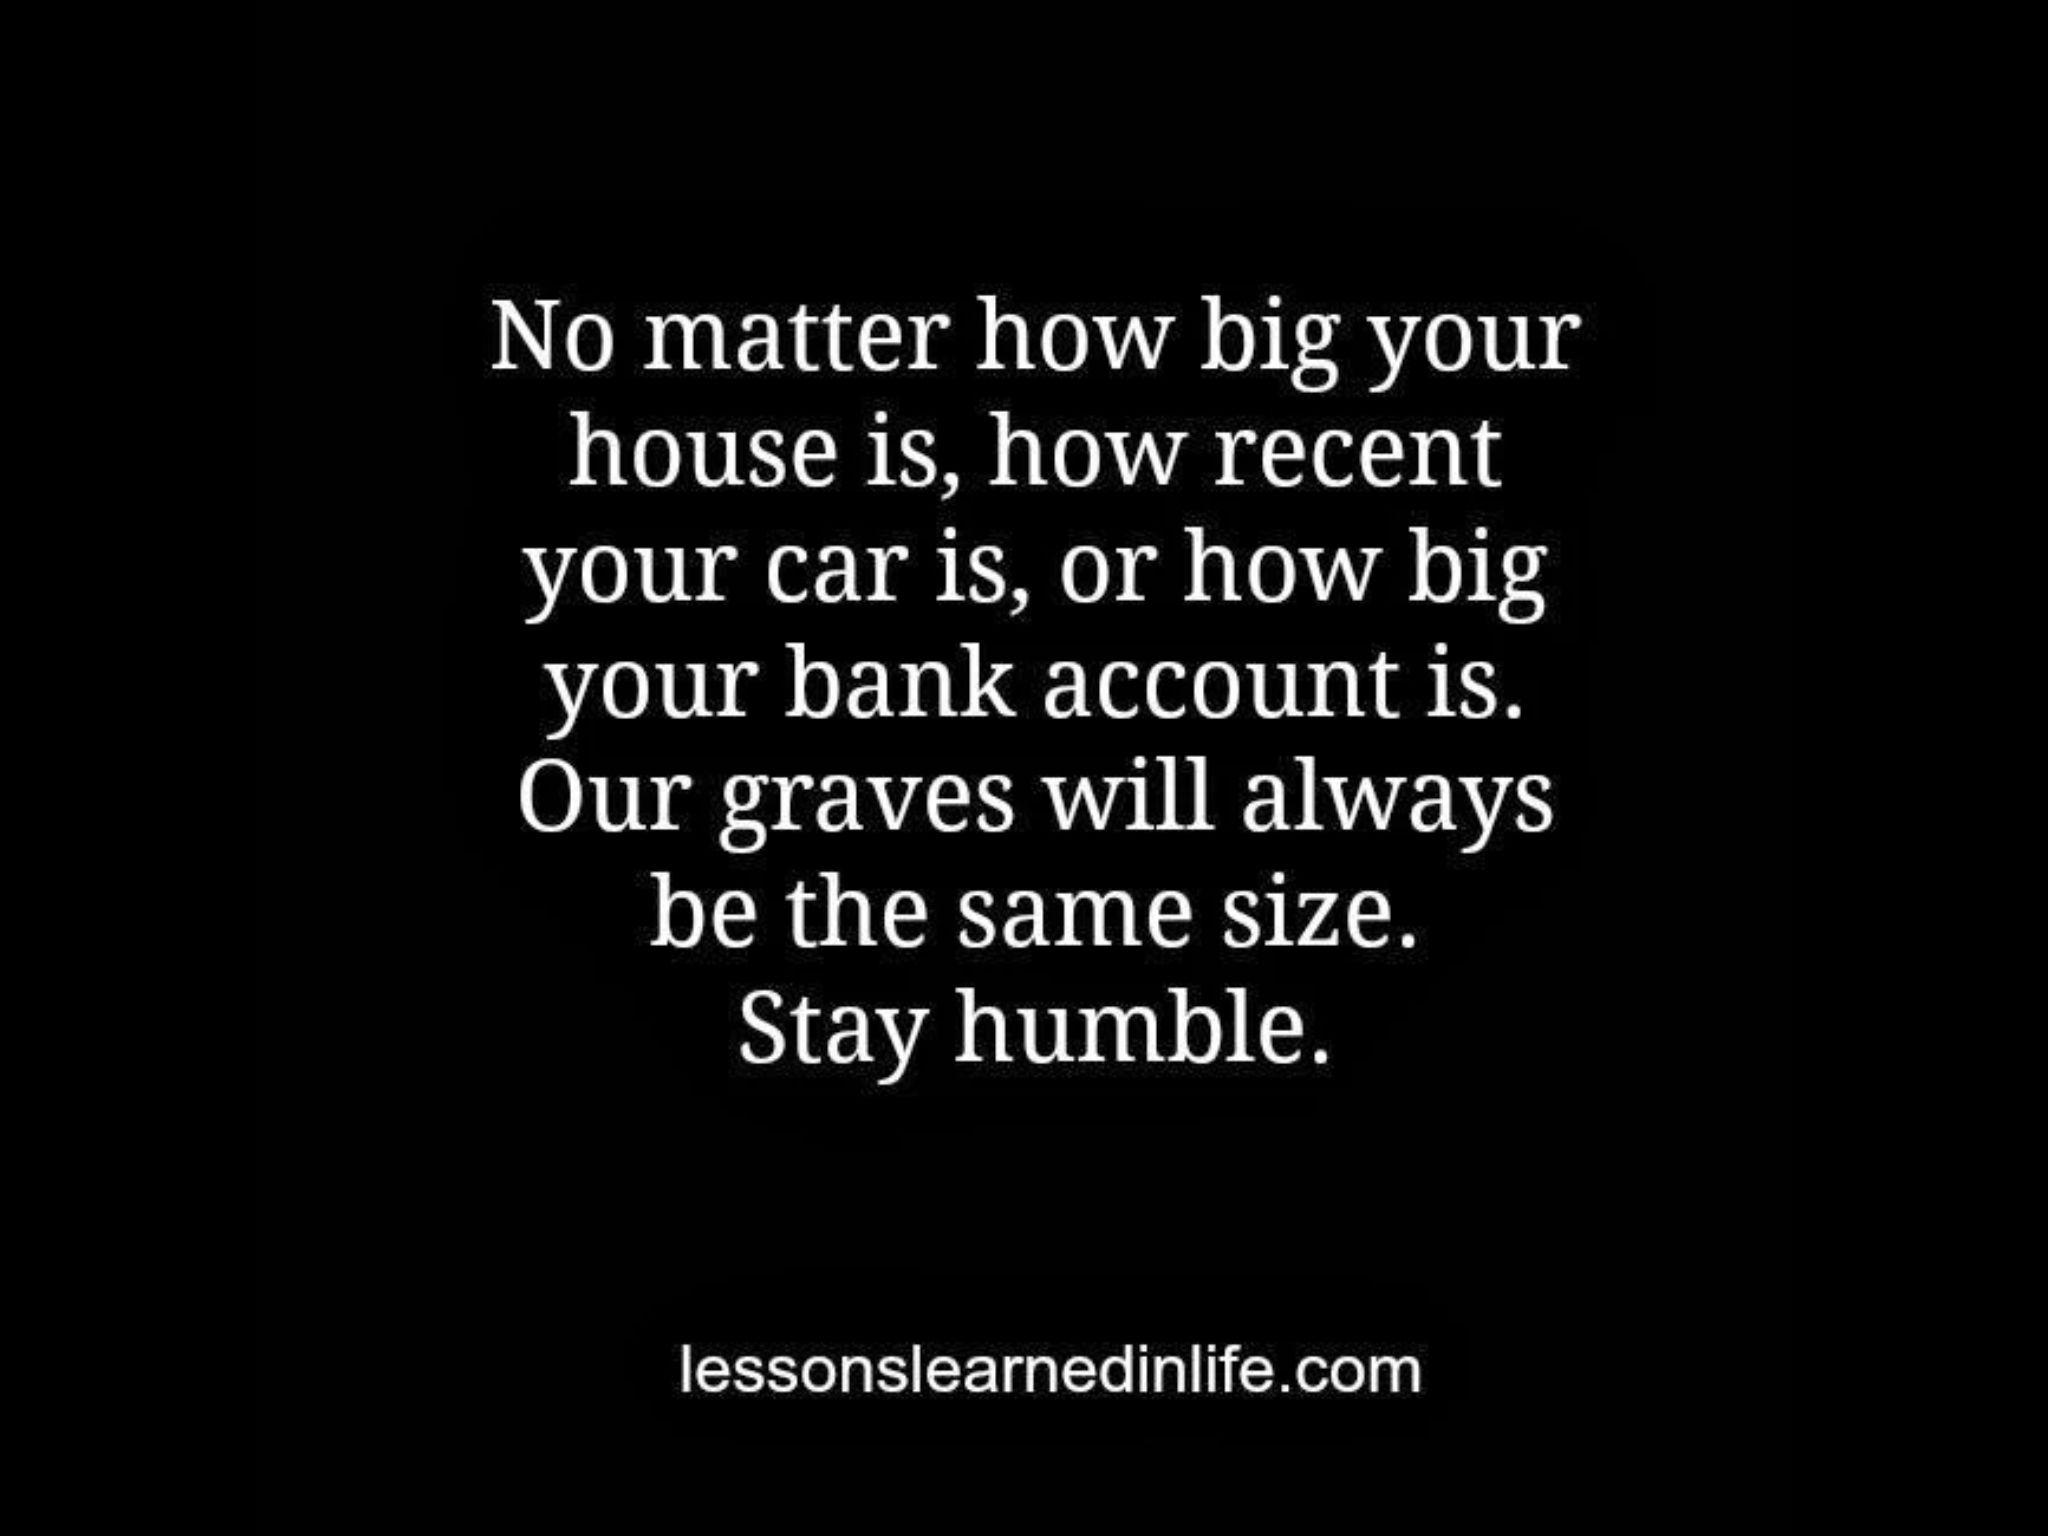 Quotes About Staying: Quotes About Staying Humble. QuotesGram